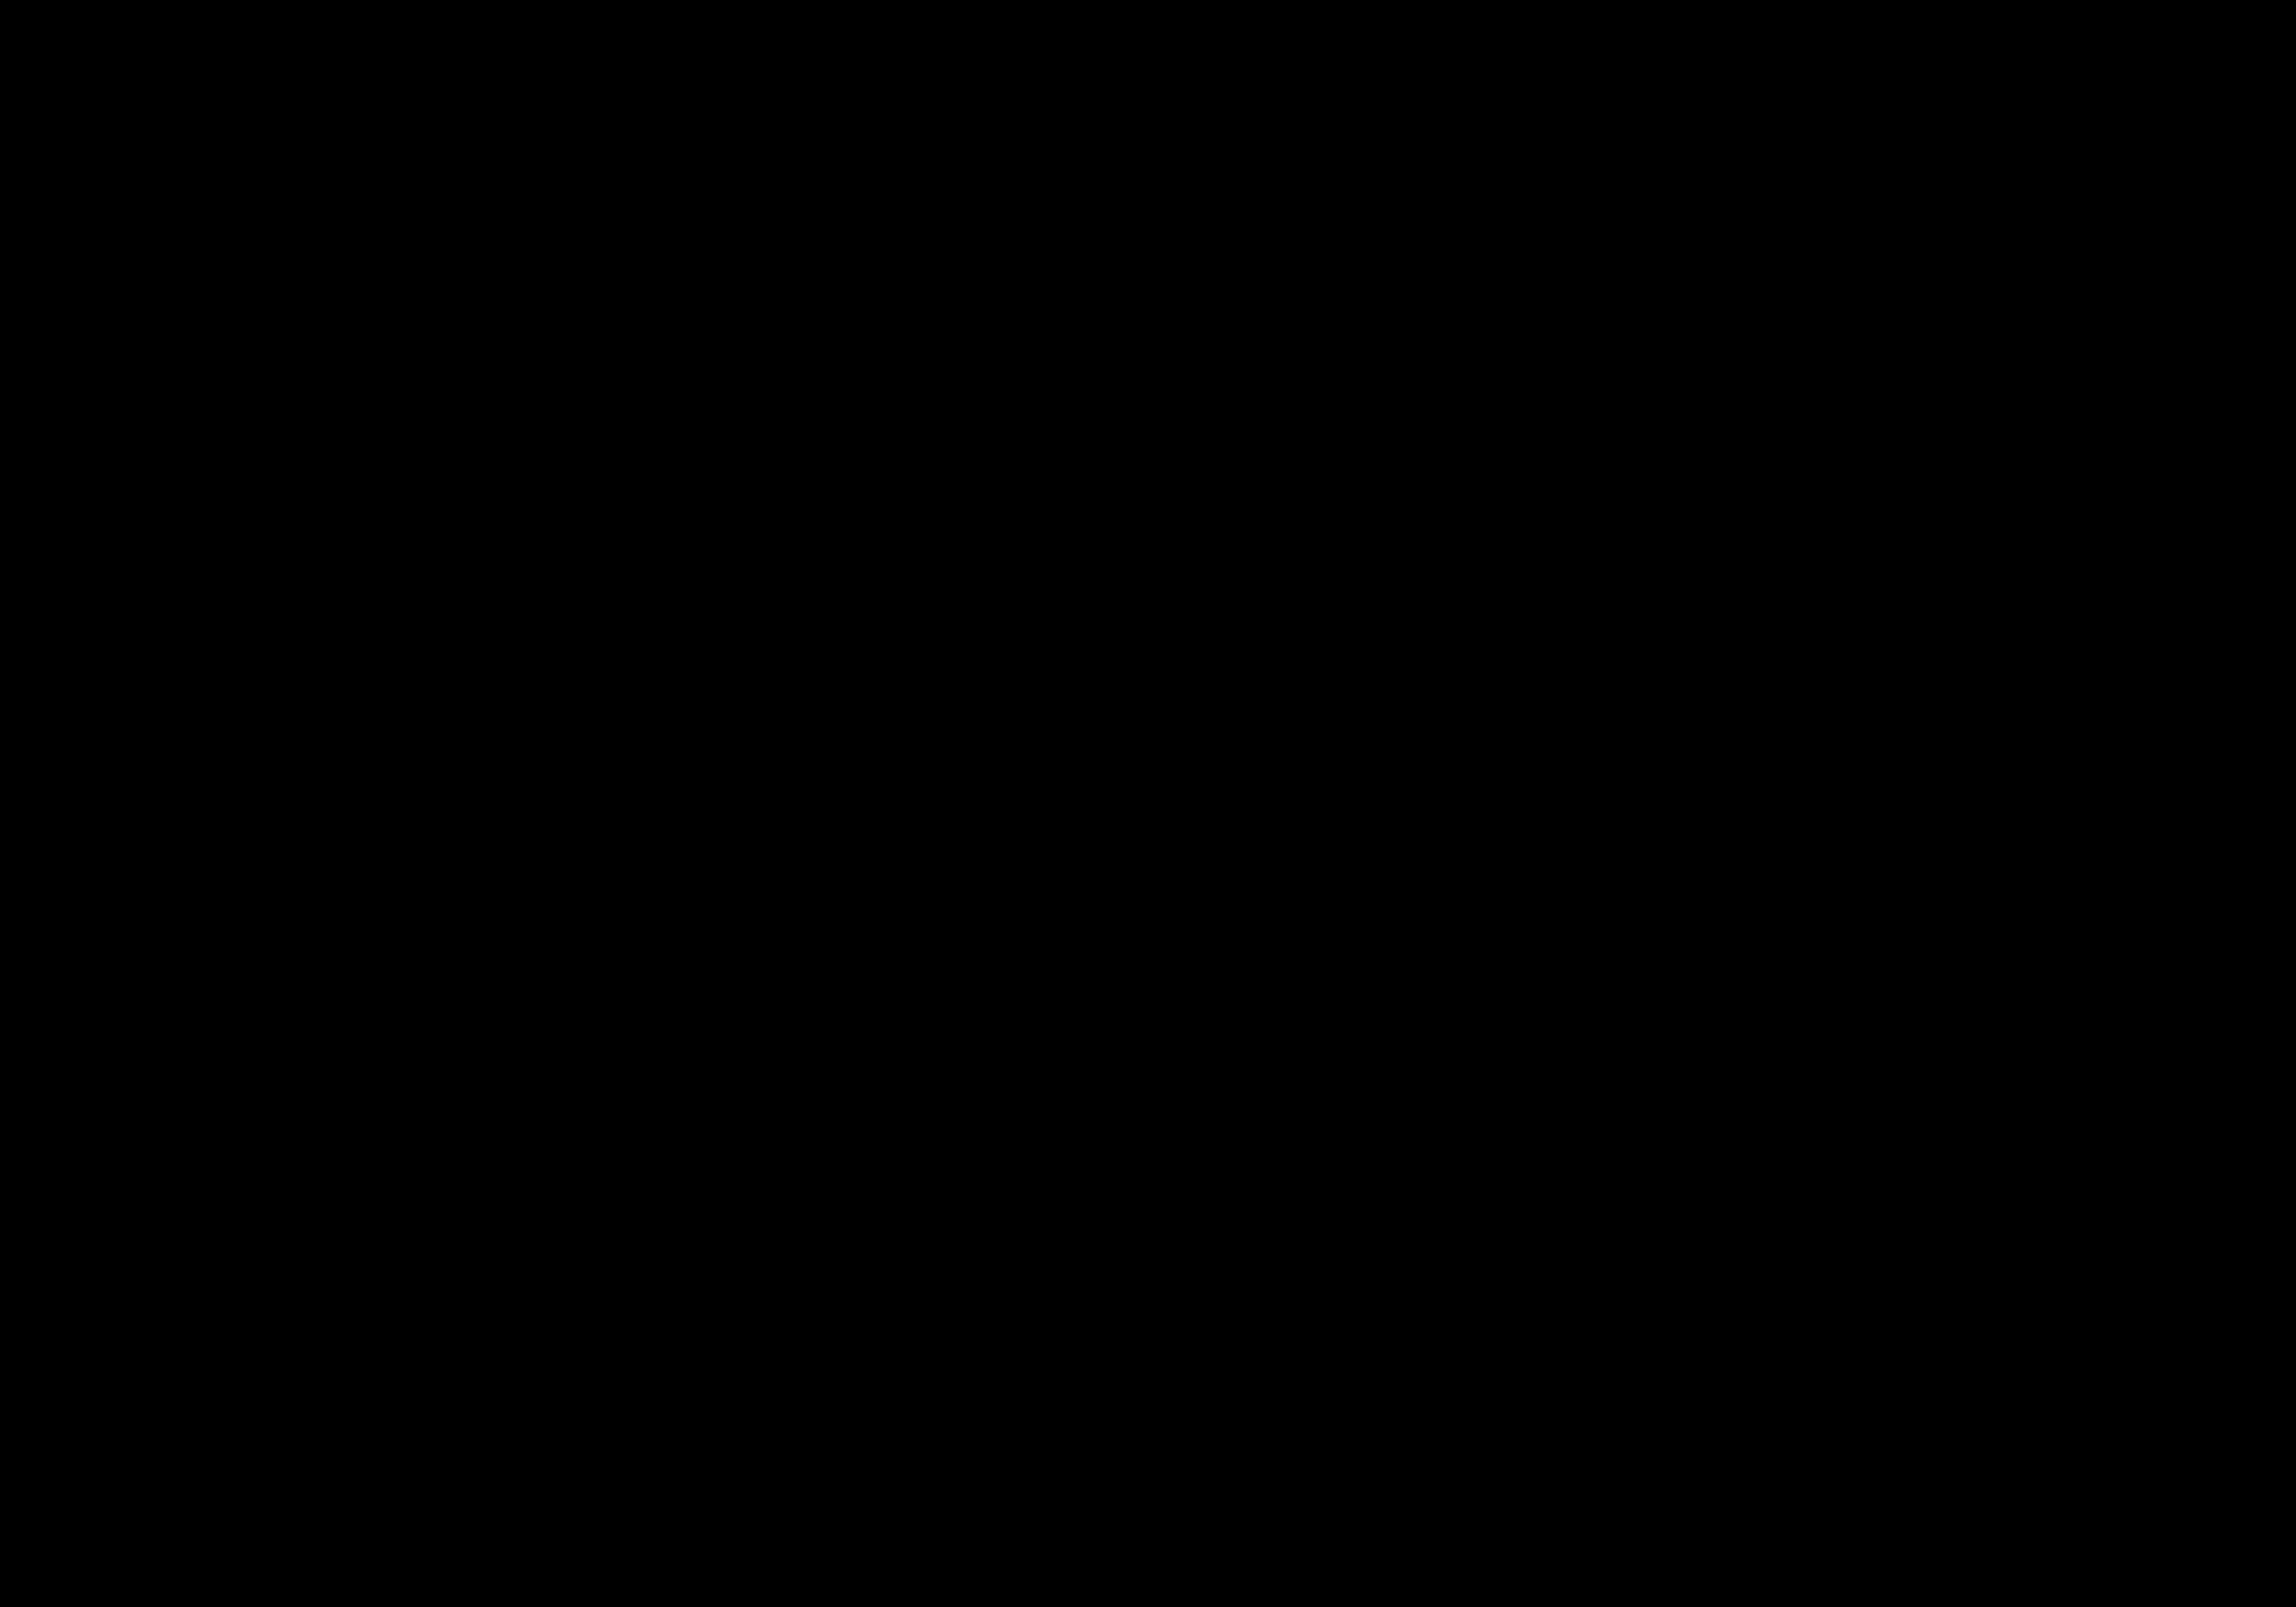 File:Występy Auto Rodeo 7.jpg - Wikimedia Commons